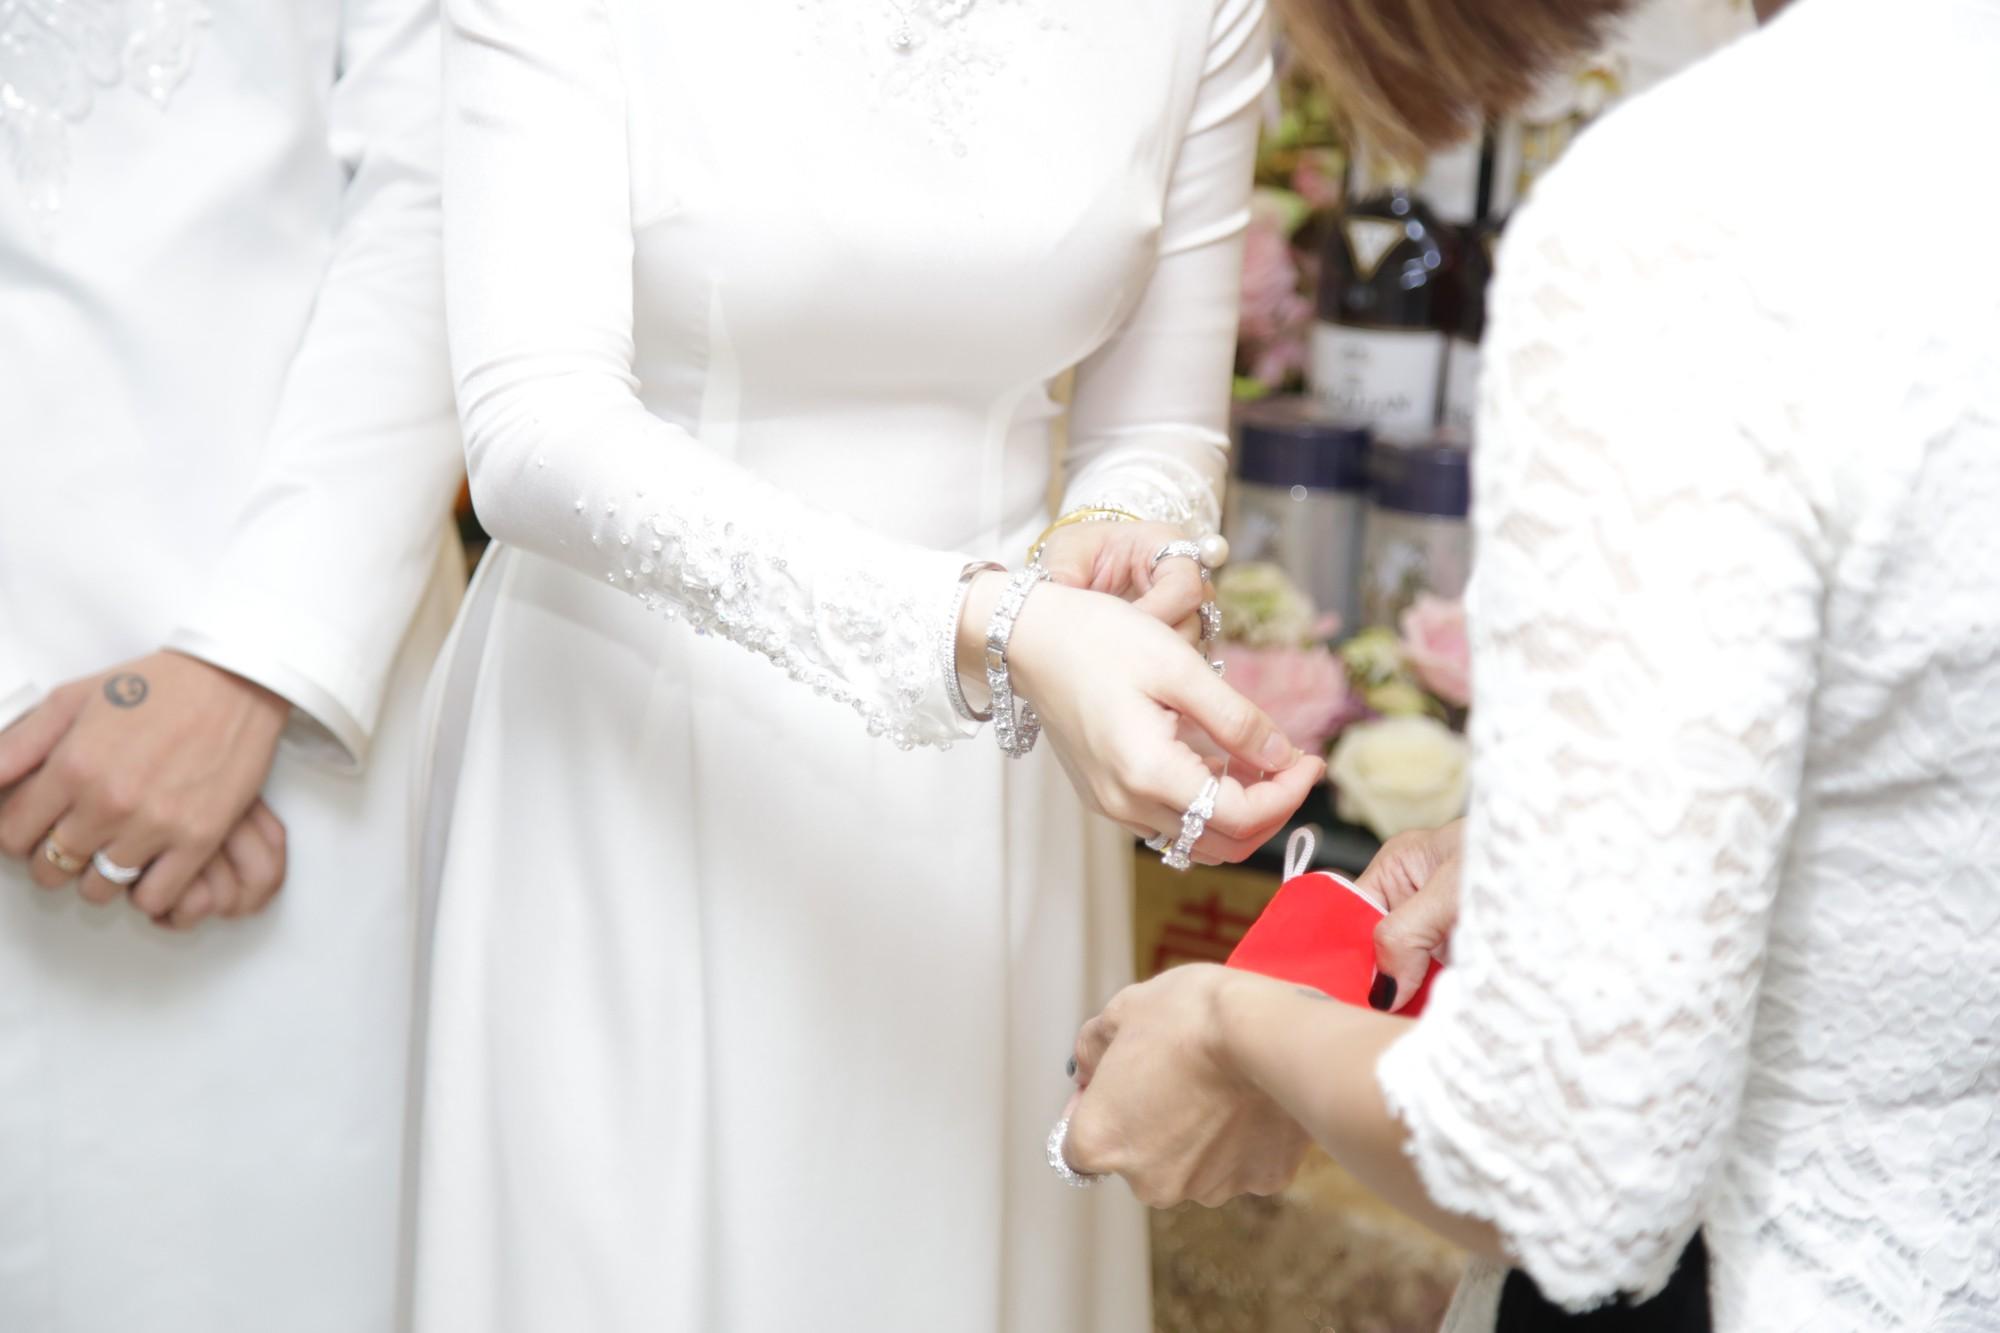 HOT: Toàn cảnh lễ đưa dâu toàn siêu xe hơn 100 tỷ của con gái đại gia Minh Nhựa, quà cưới toàn vàng, kim cương đeo đỏ tay-21